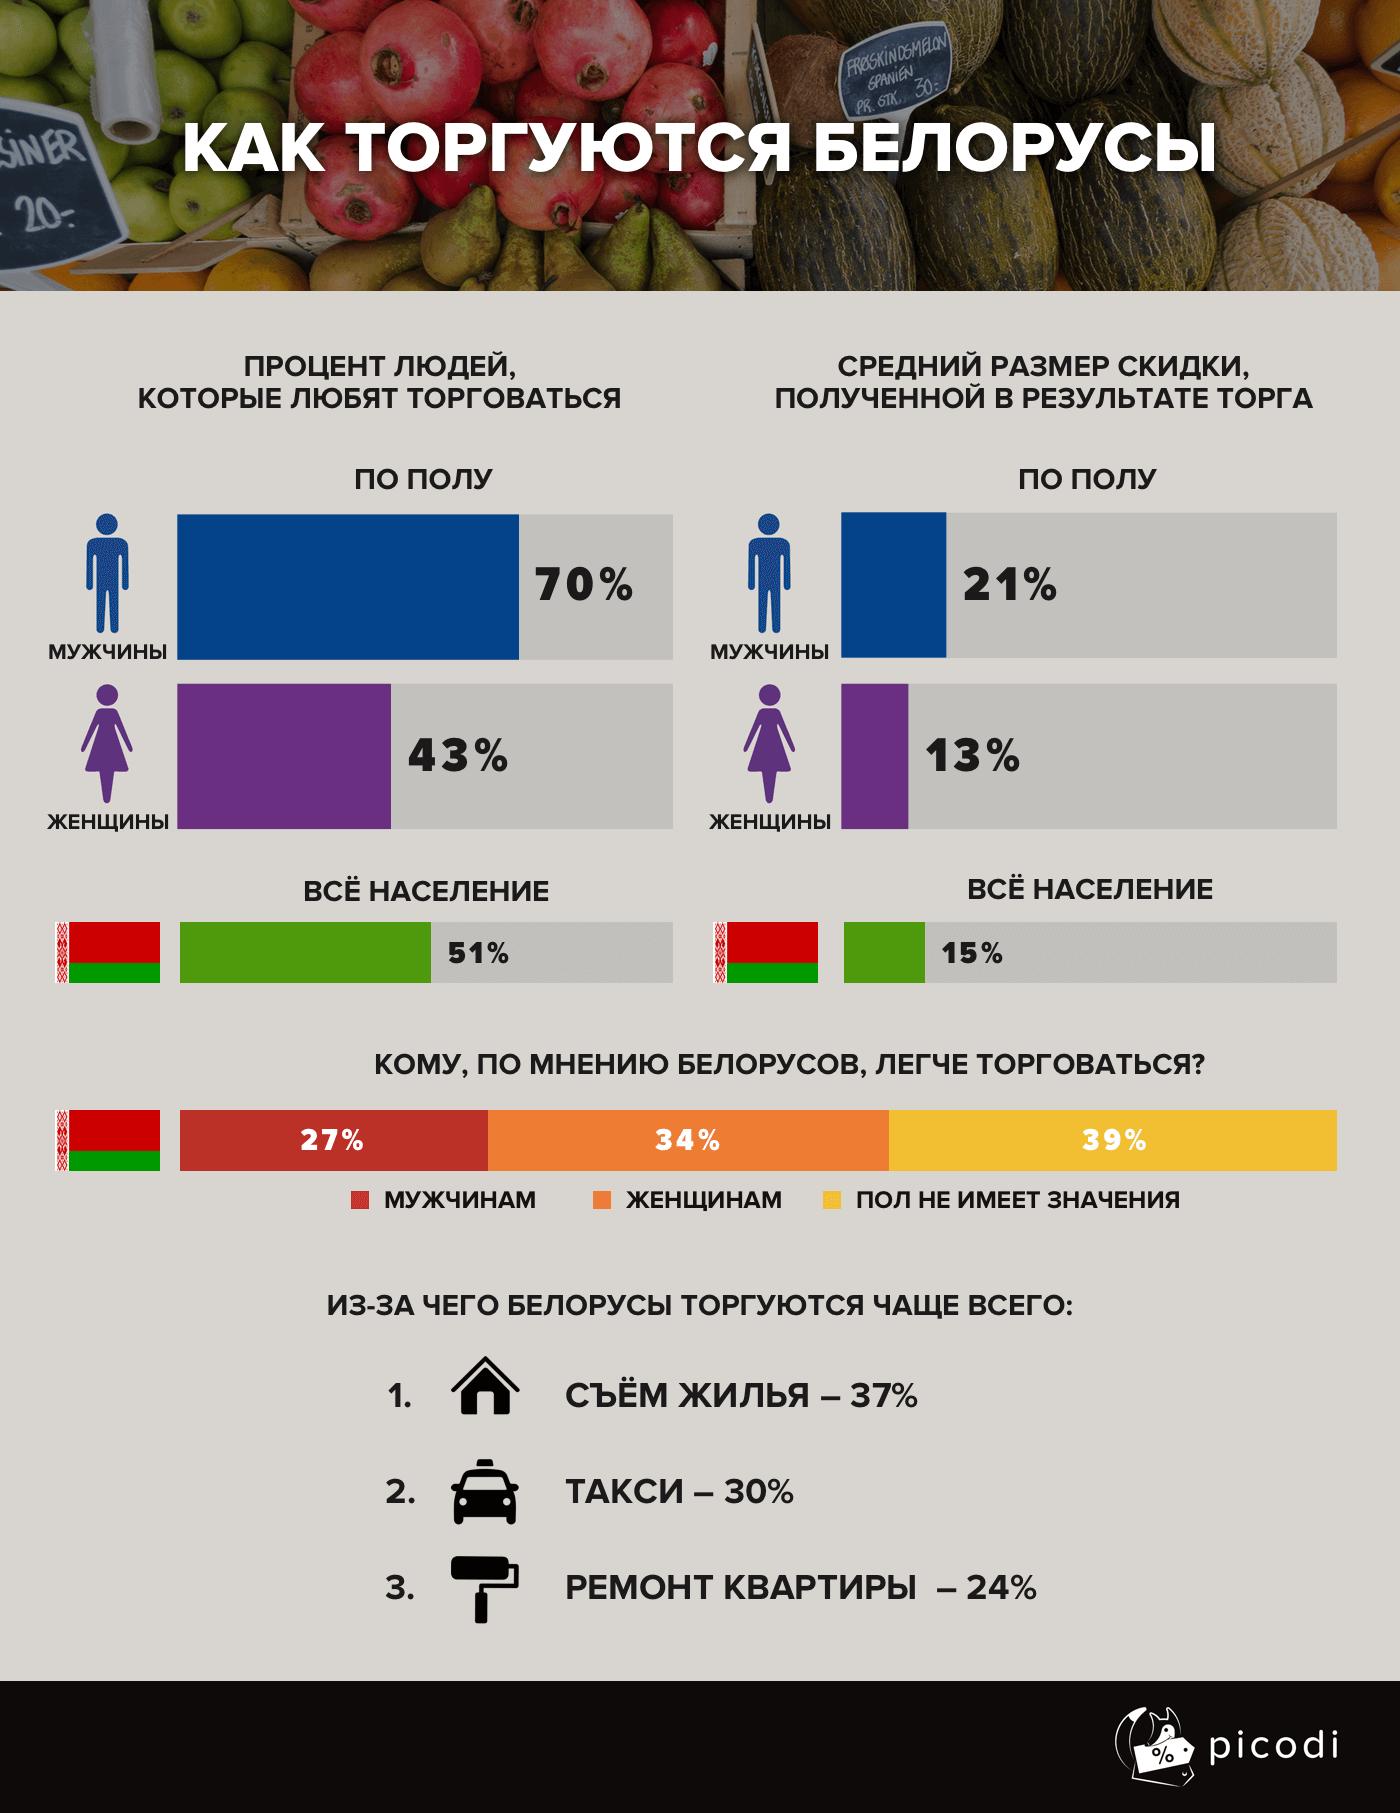 Как торгуются белорусы